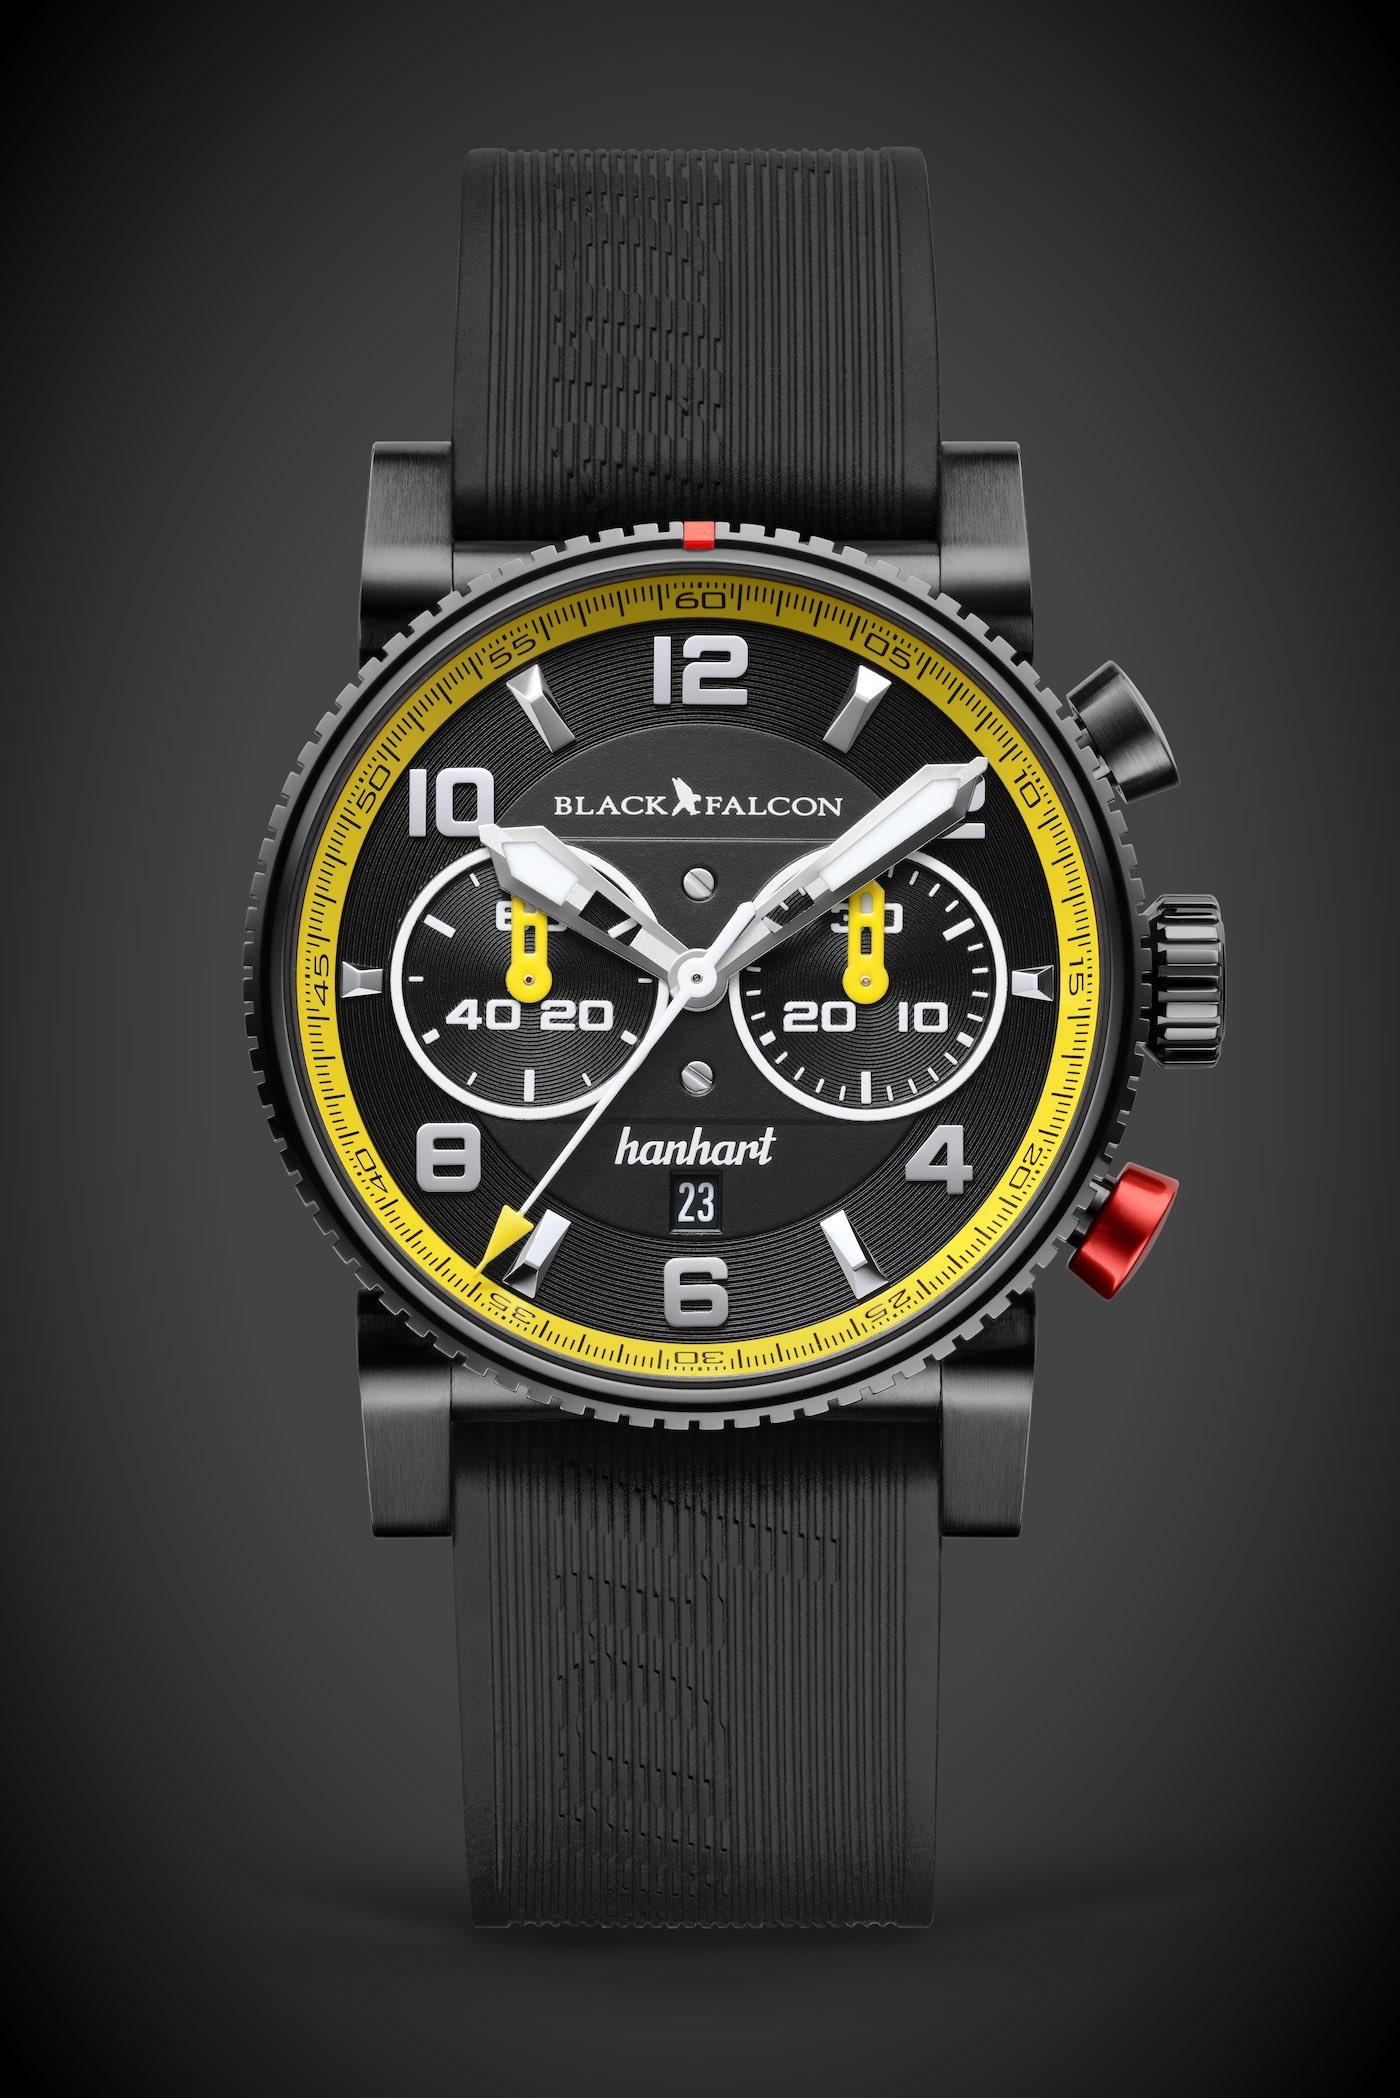 Hanhart Primus Black Falcon Limited Edition - 2